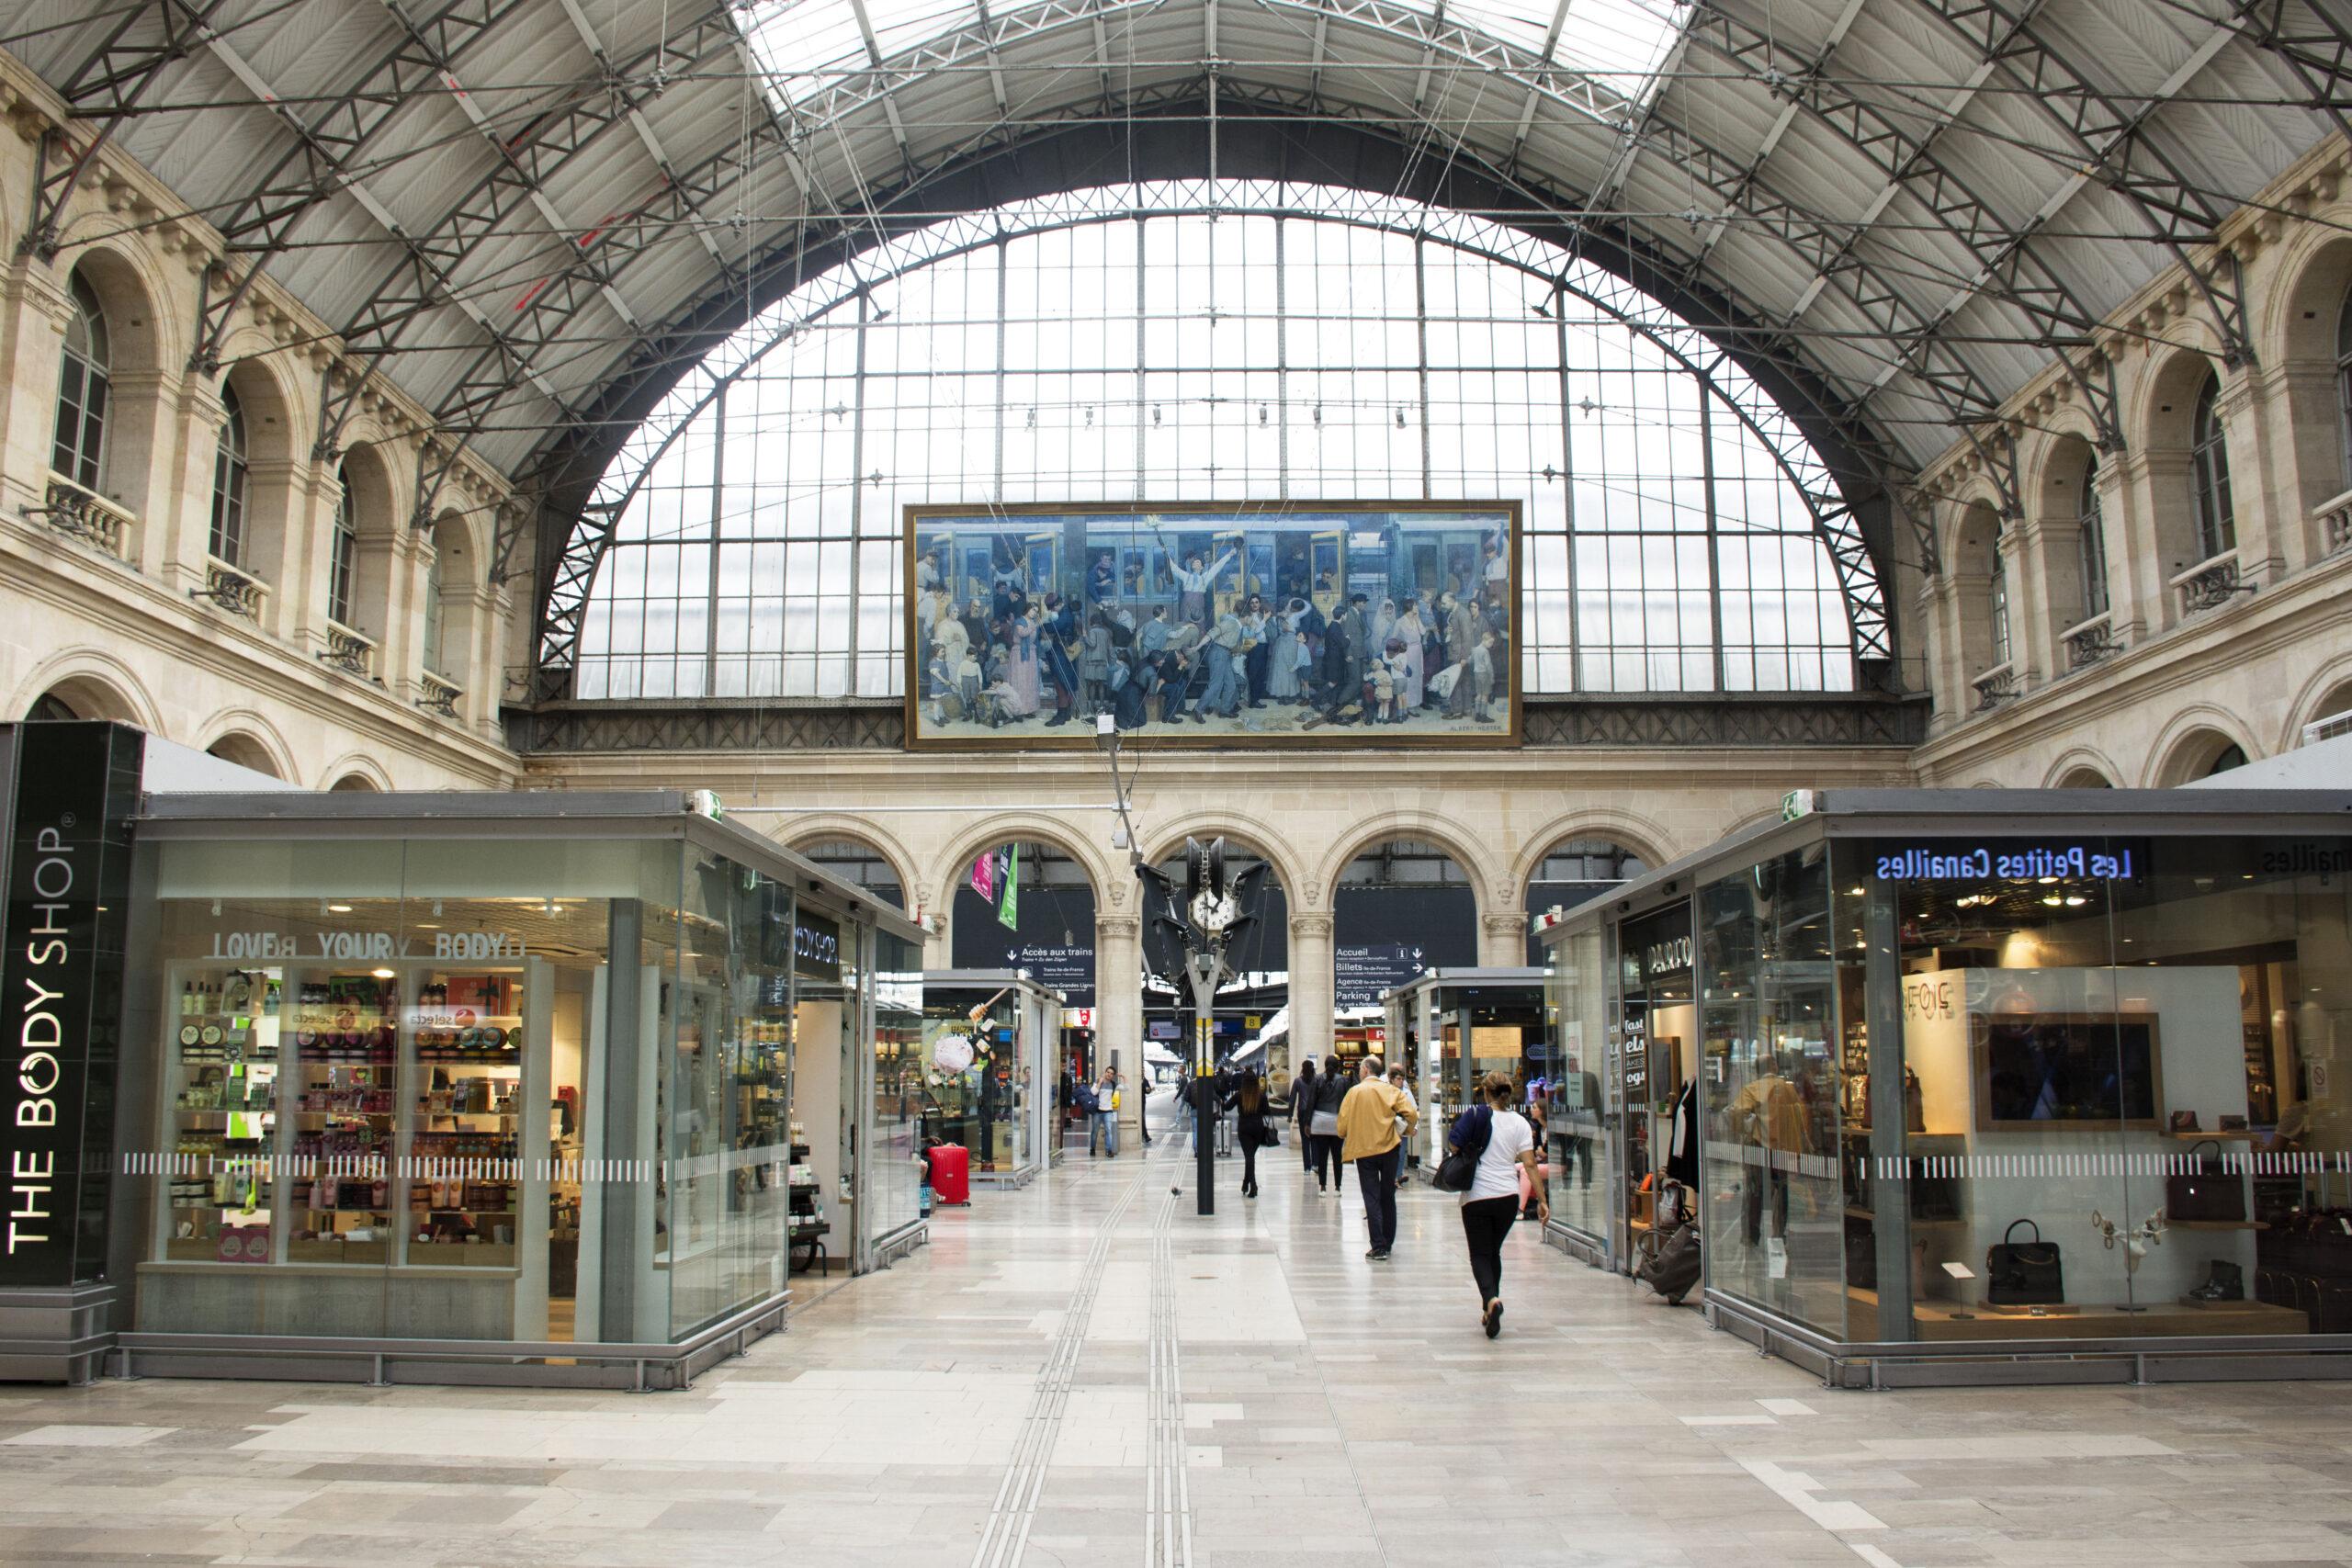 Gare de l Est Paris Frankrike togstasjon Frankrike tog avgang